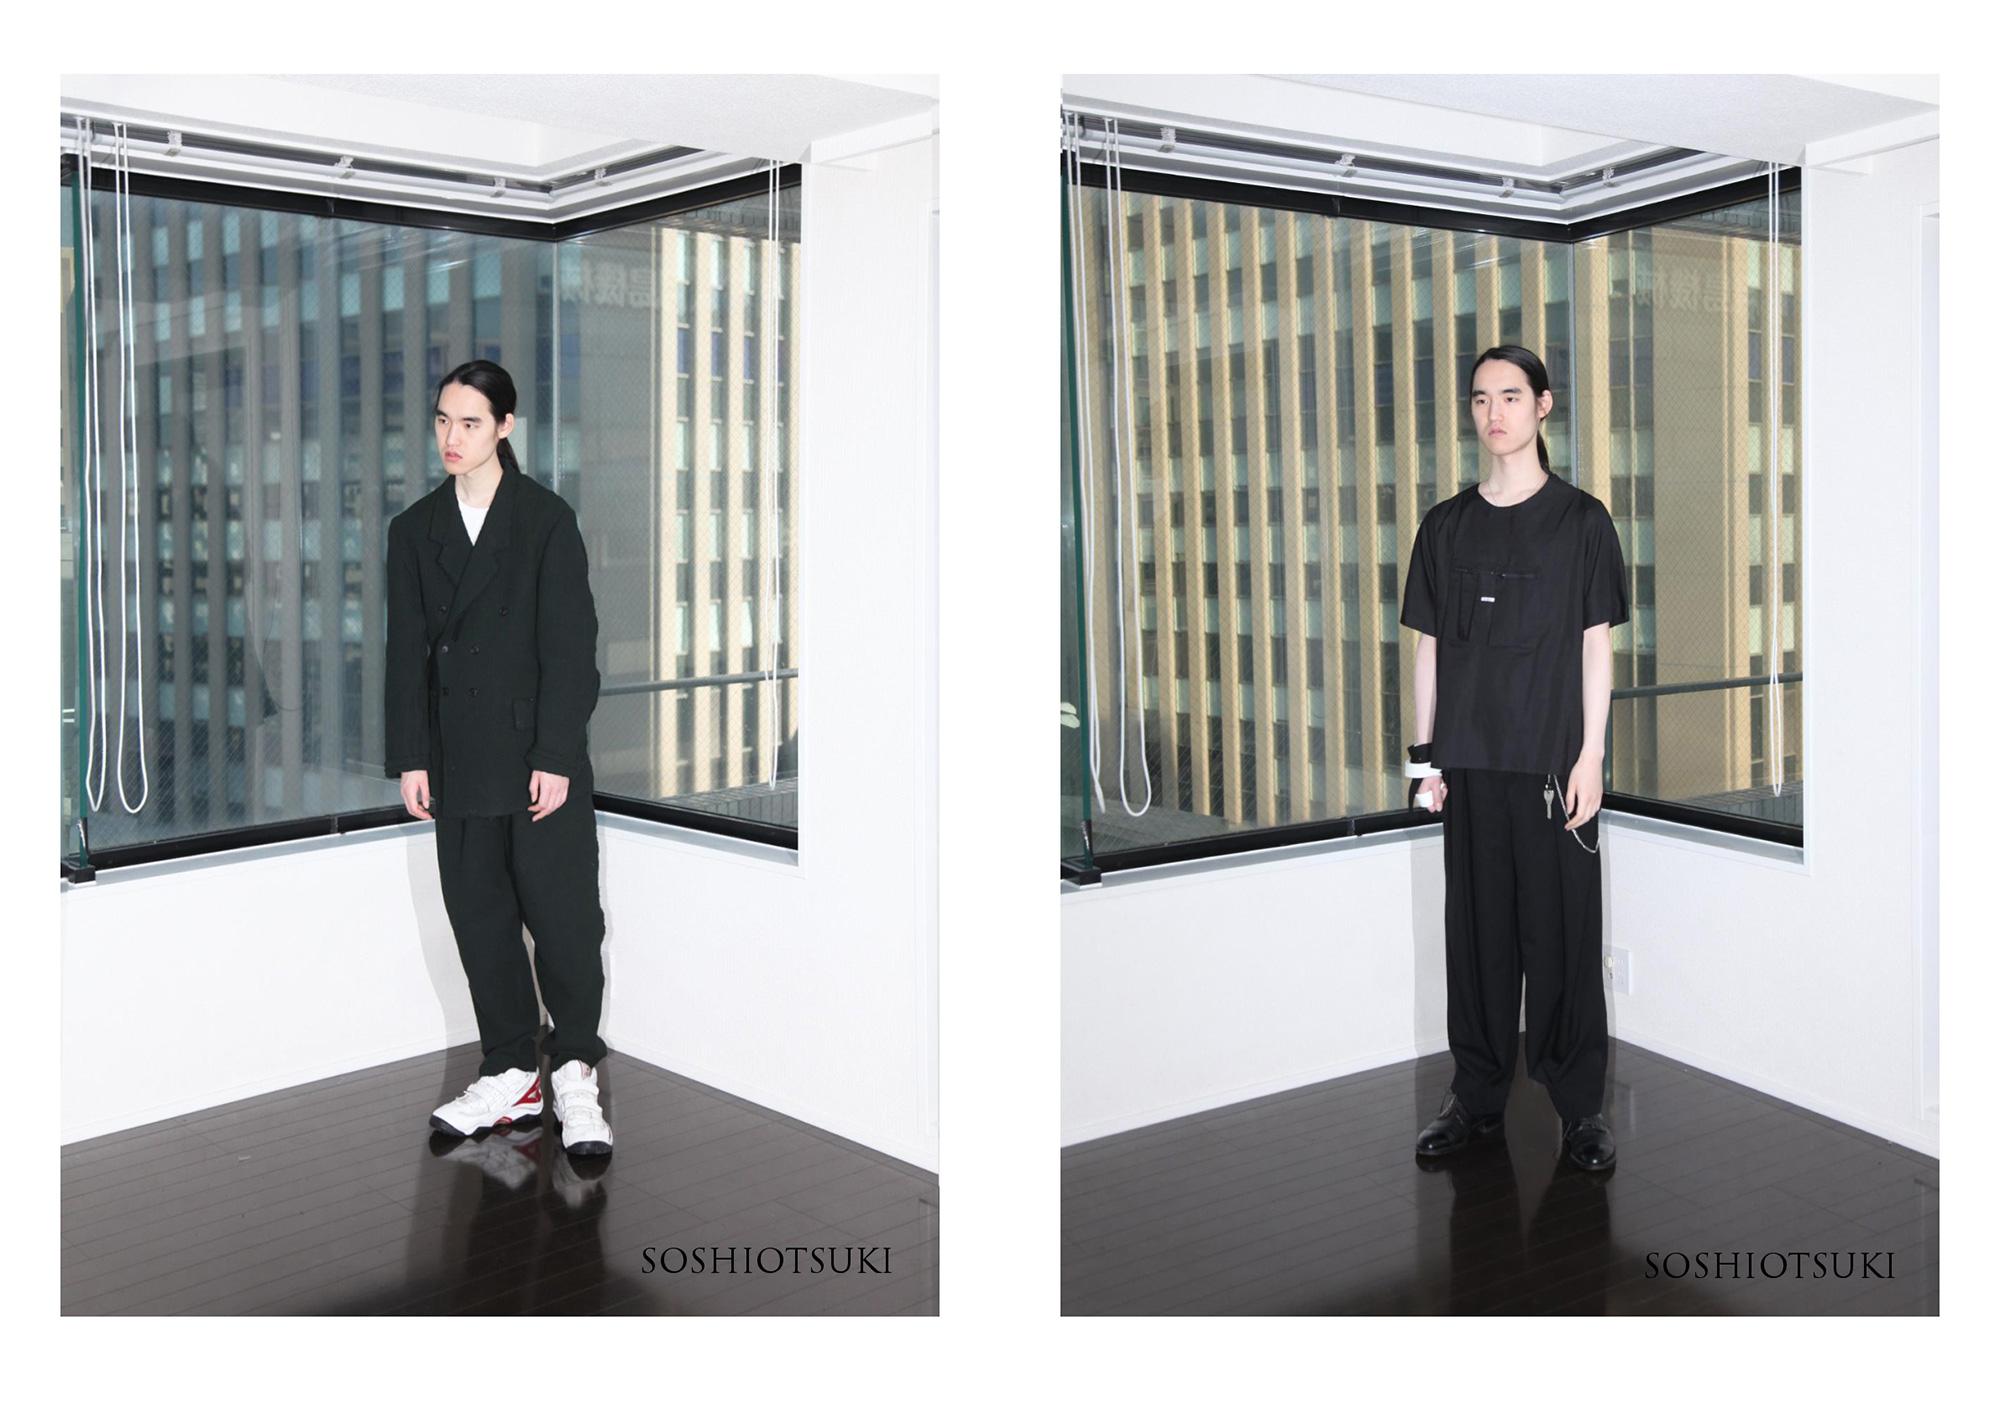 若手新鋭ブランド「SOSHI OTSUKI(ソウシ オオツキ)」がウェブ販売を開始!